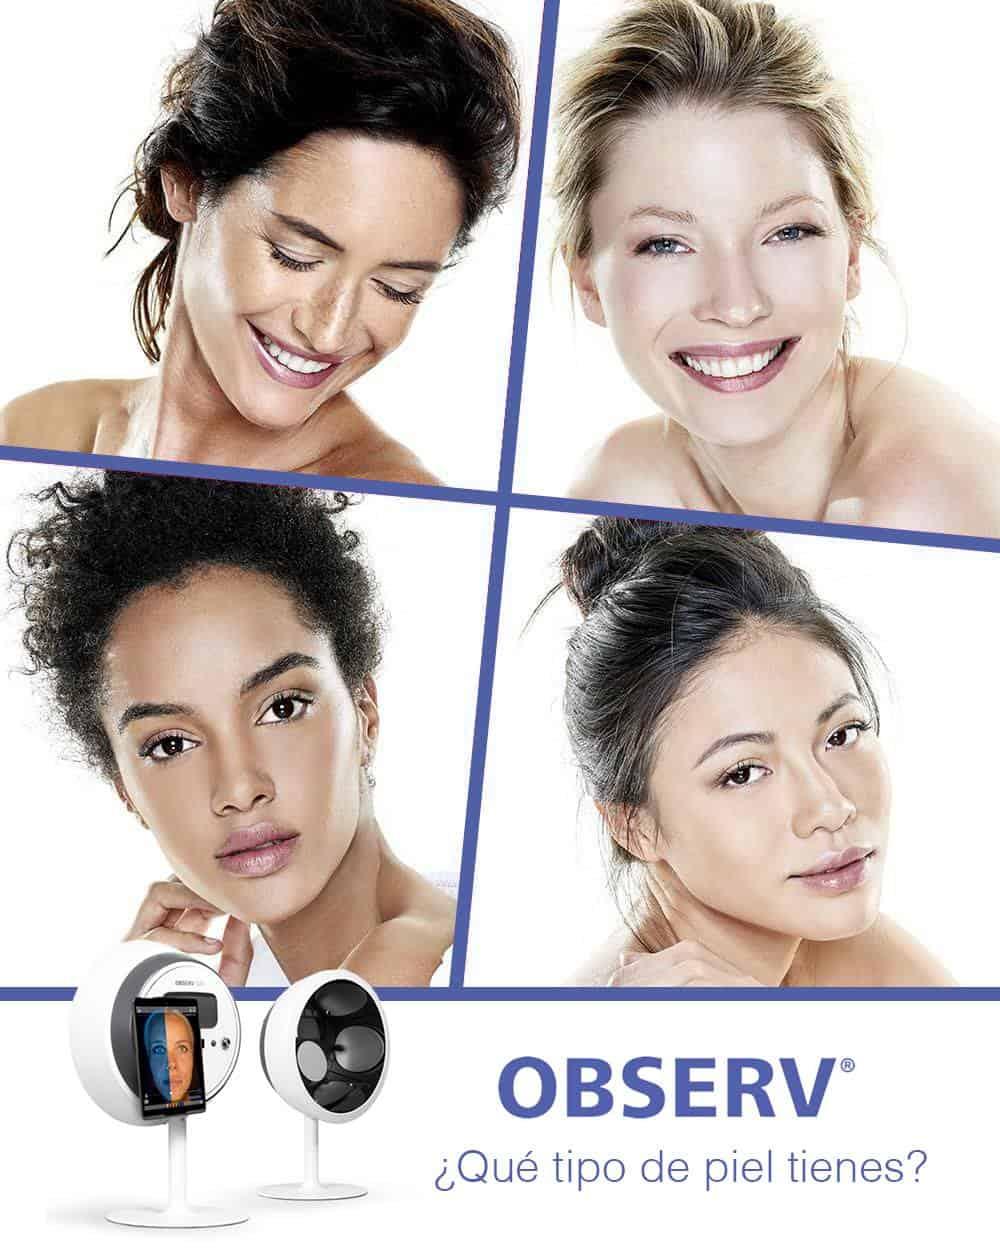 observ sylton analizador facial observ520 diagnóstico piel rejuvenecimiento luz acne manchas vascular estetica facial belleza belium medical distribuidor oficial españa